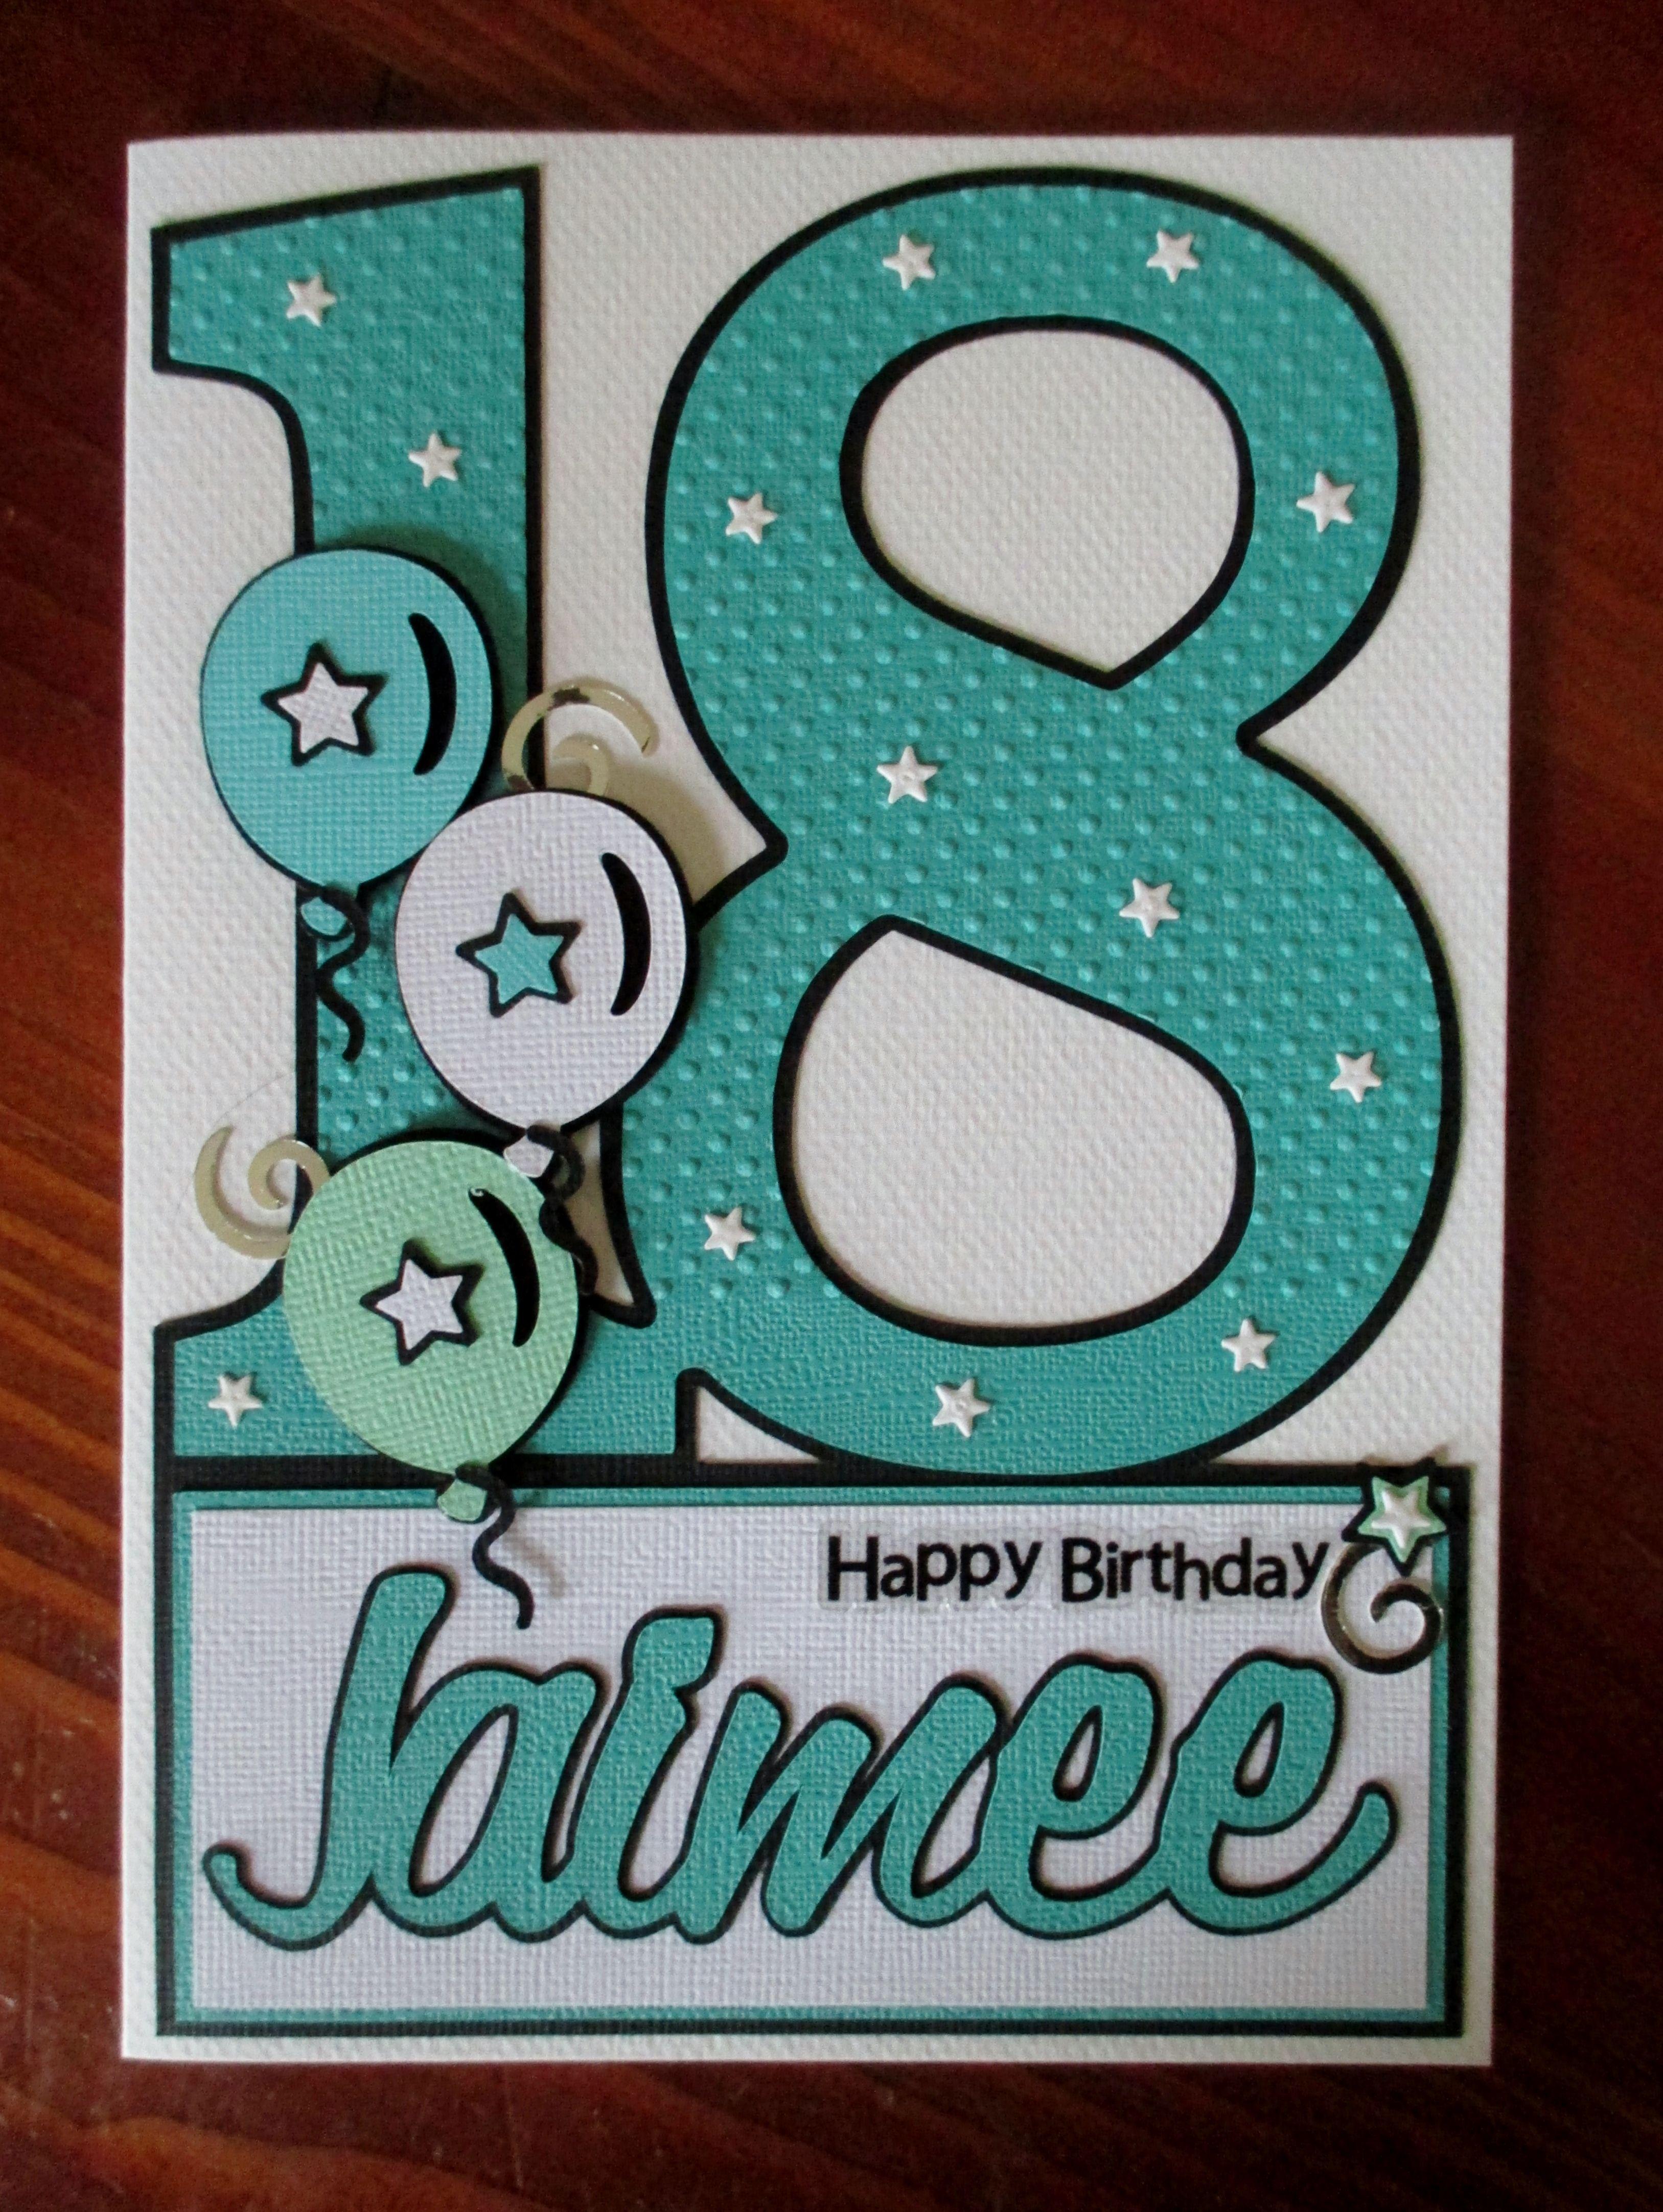 An 18th birthday card for jaimee 18th birthday cards